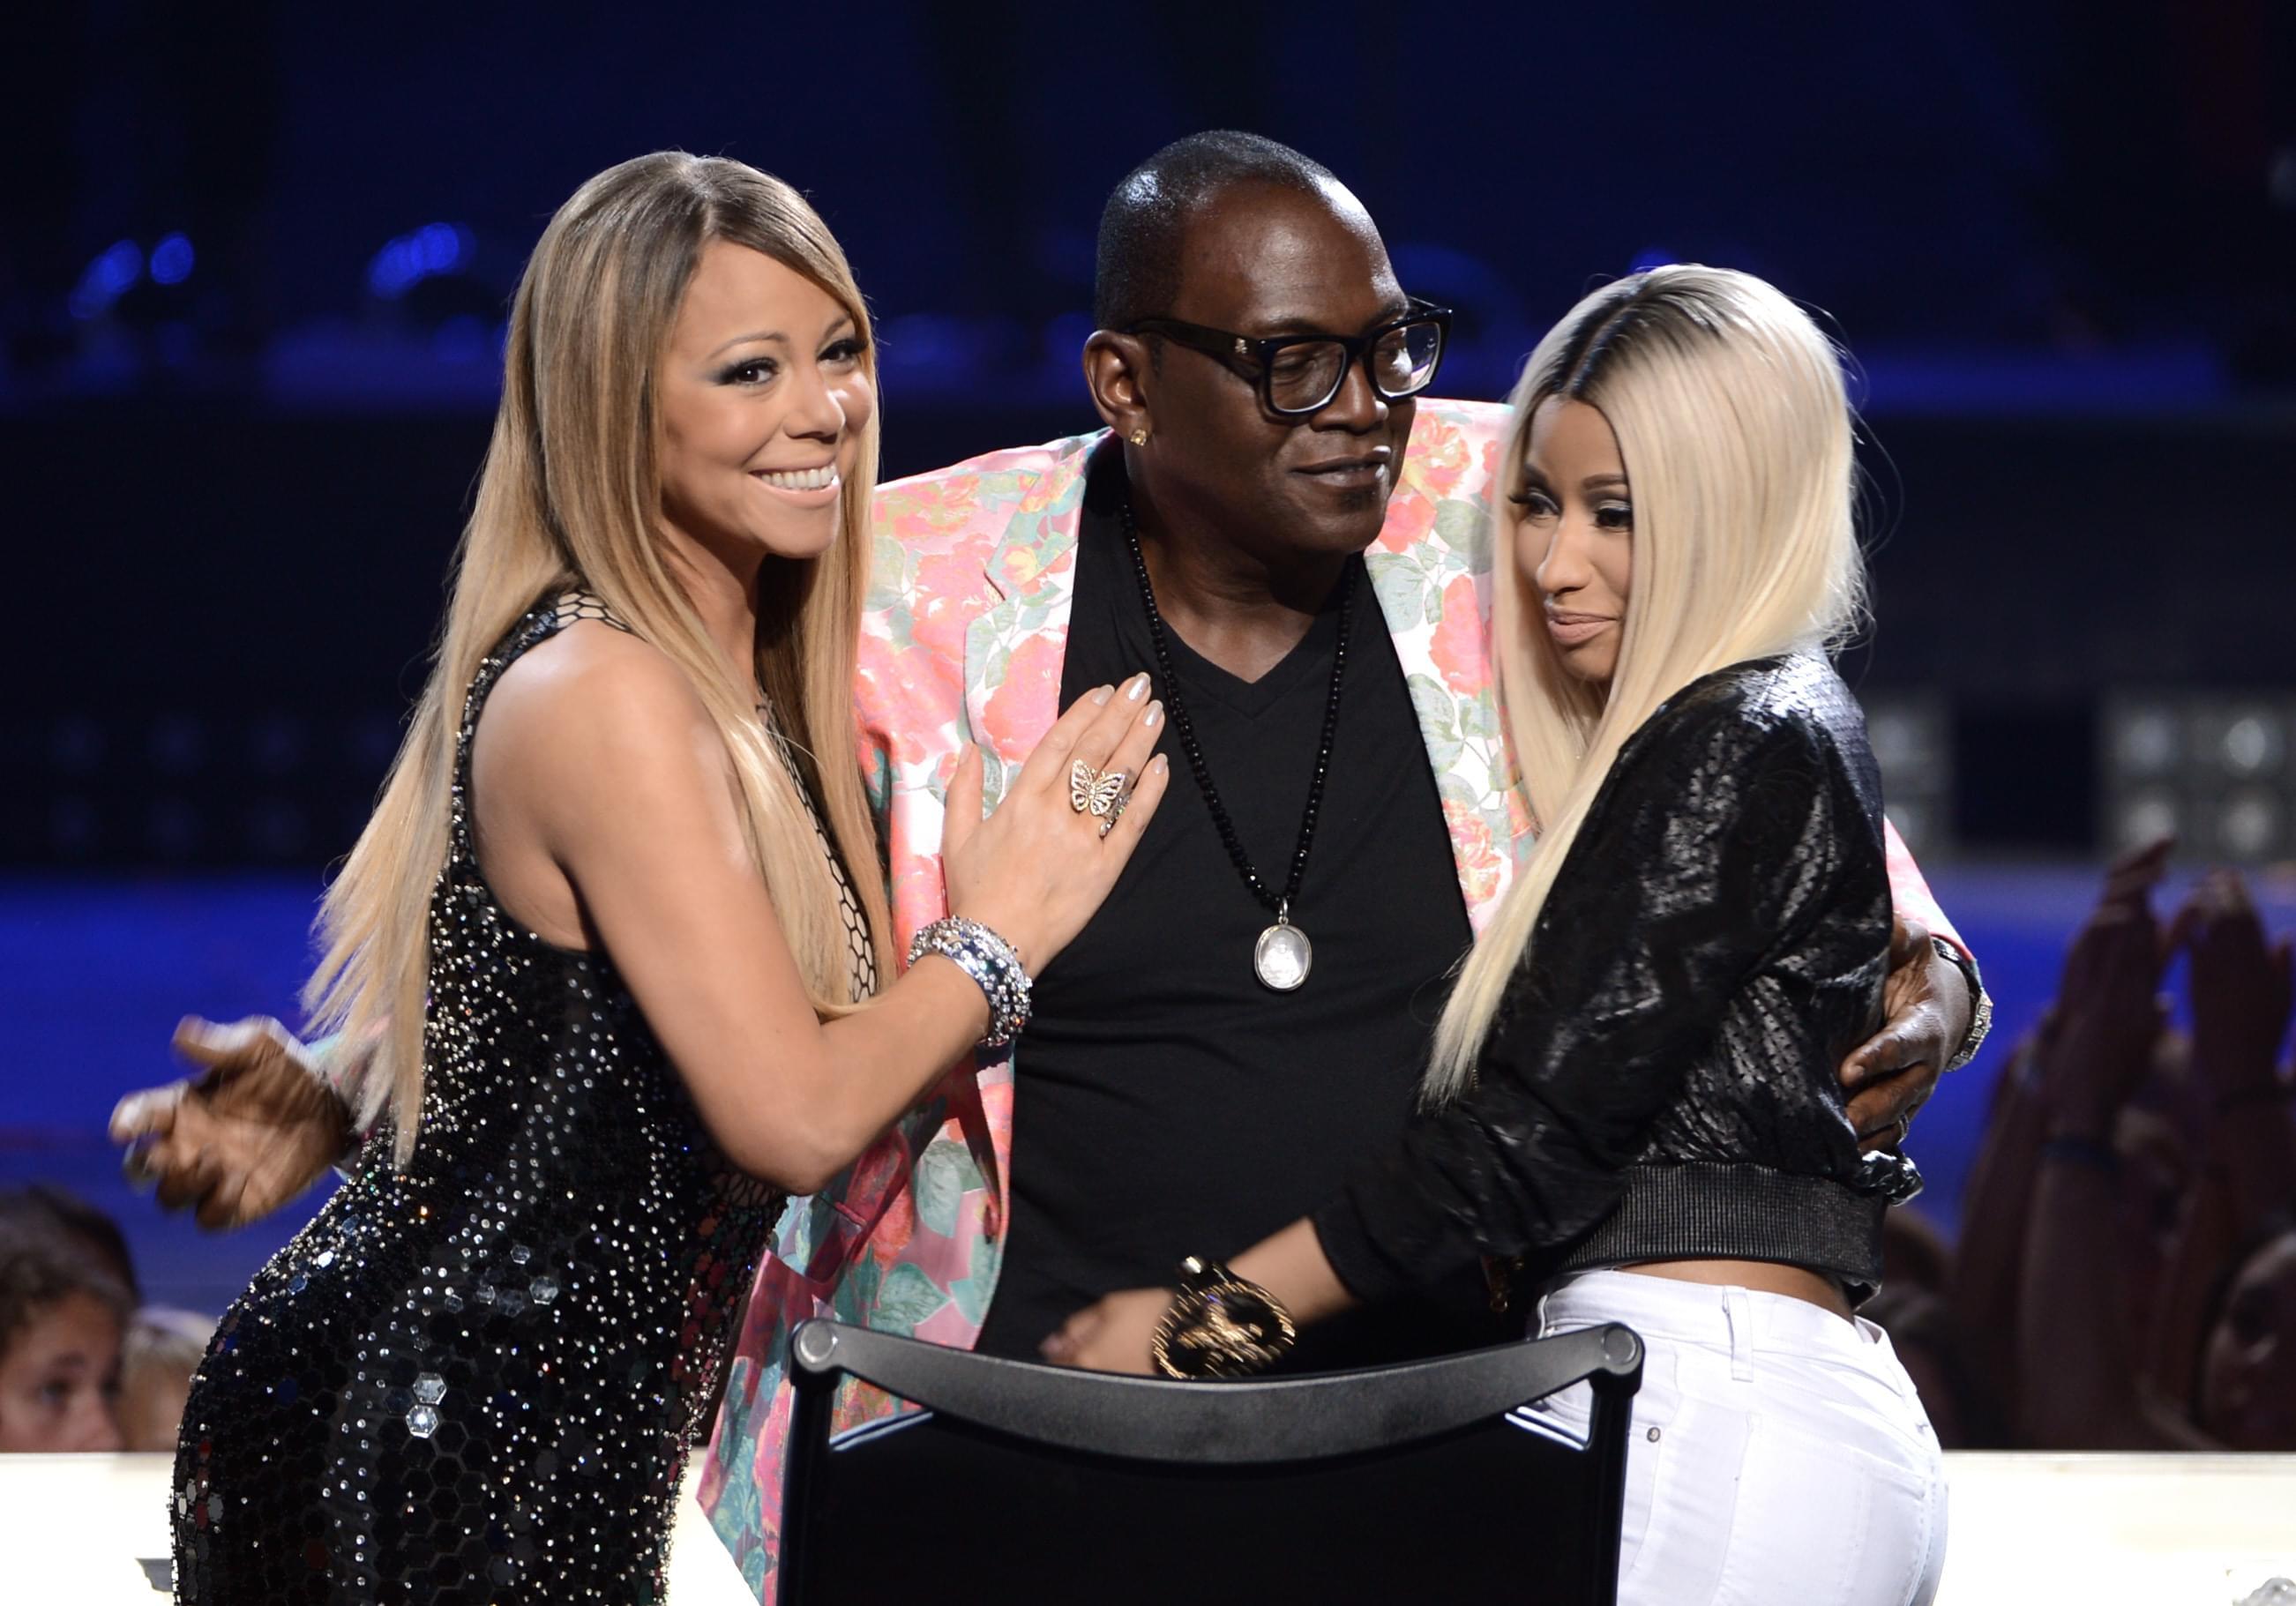 Mariah Carey Recalls Bad Memories From American Idol